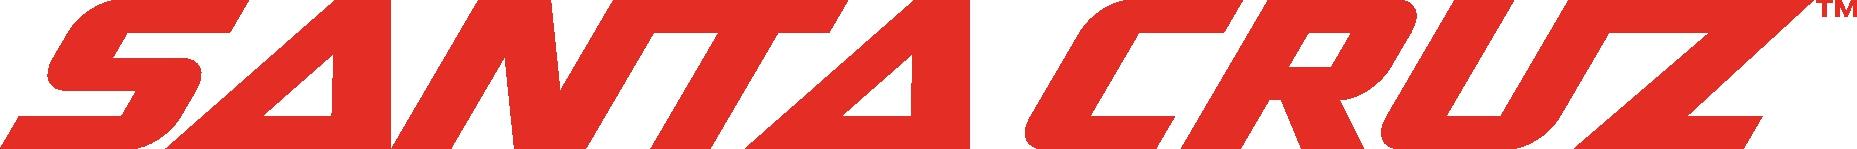 SANTA CRUZ single line logo.jpg